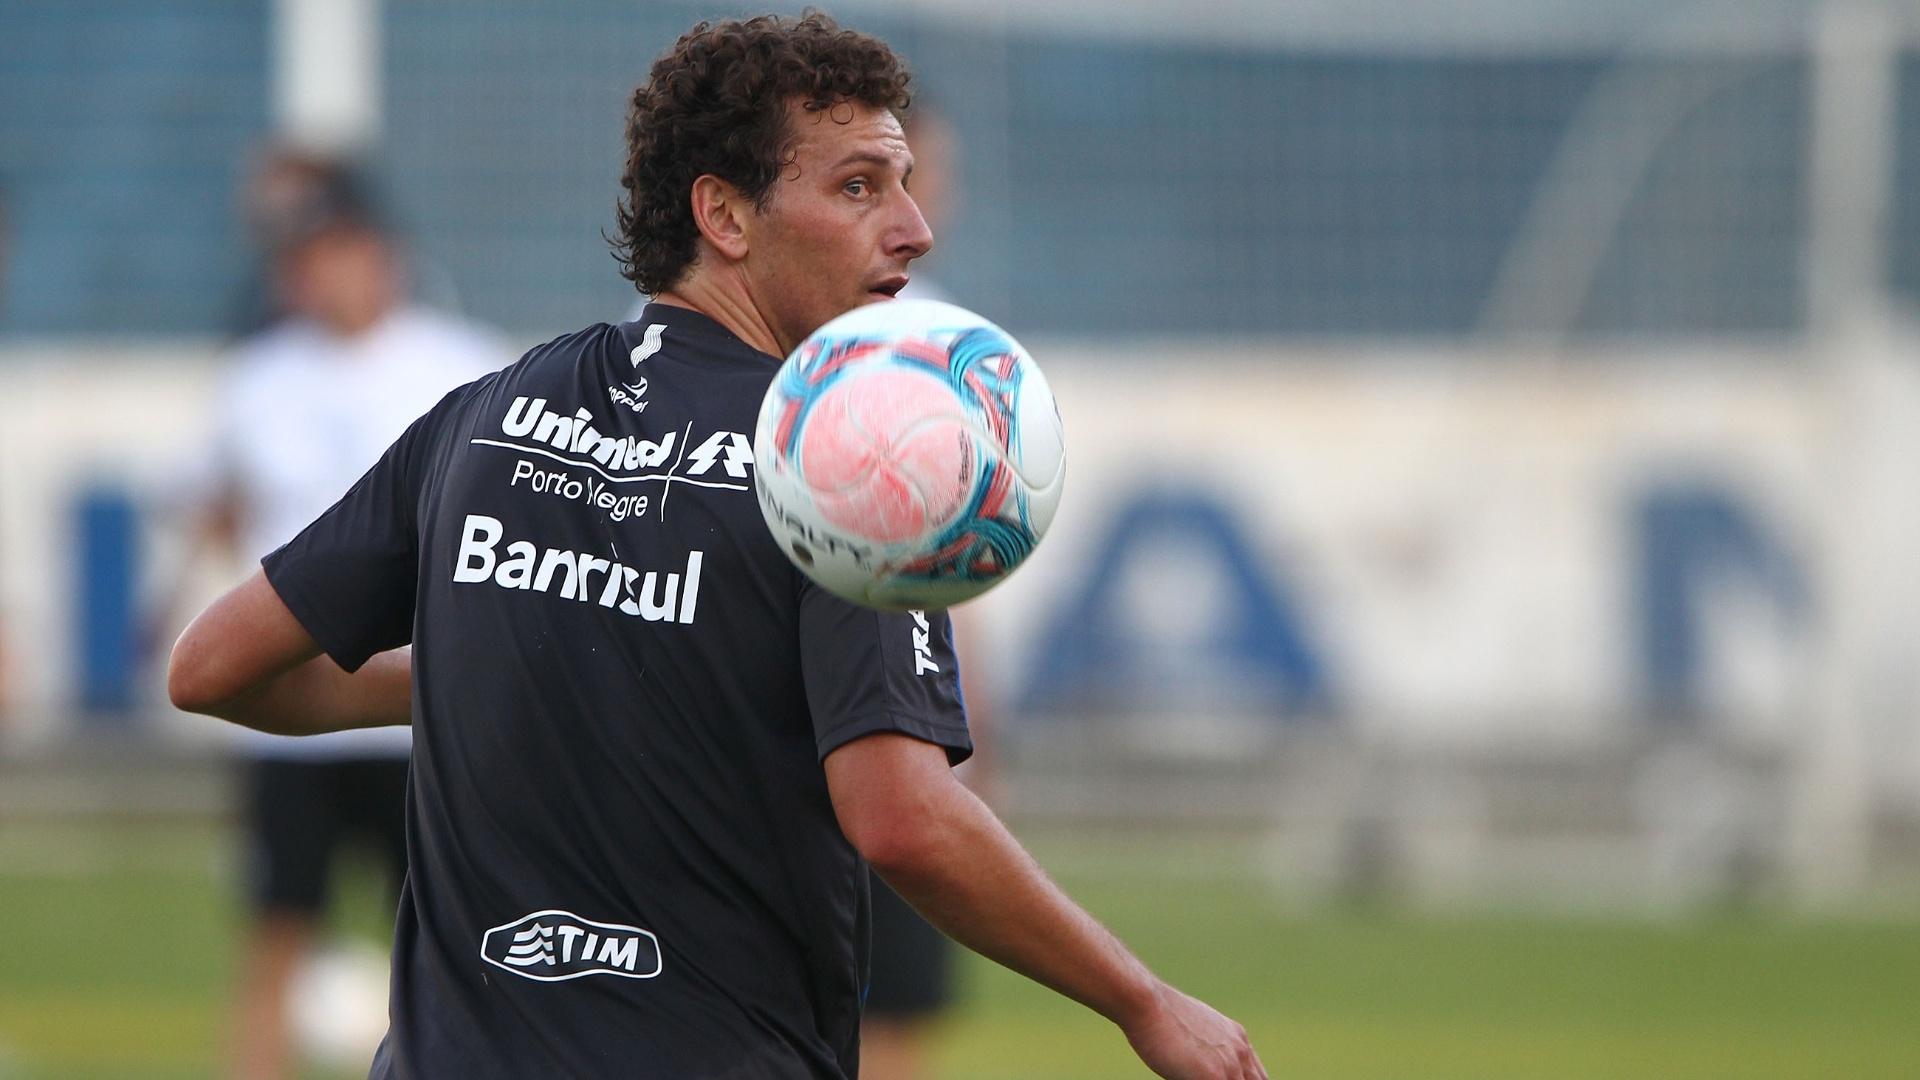 25.Abr.2013 - Elano participa de treinamento do Grêmio em Porto Alegre